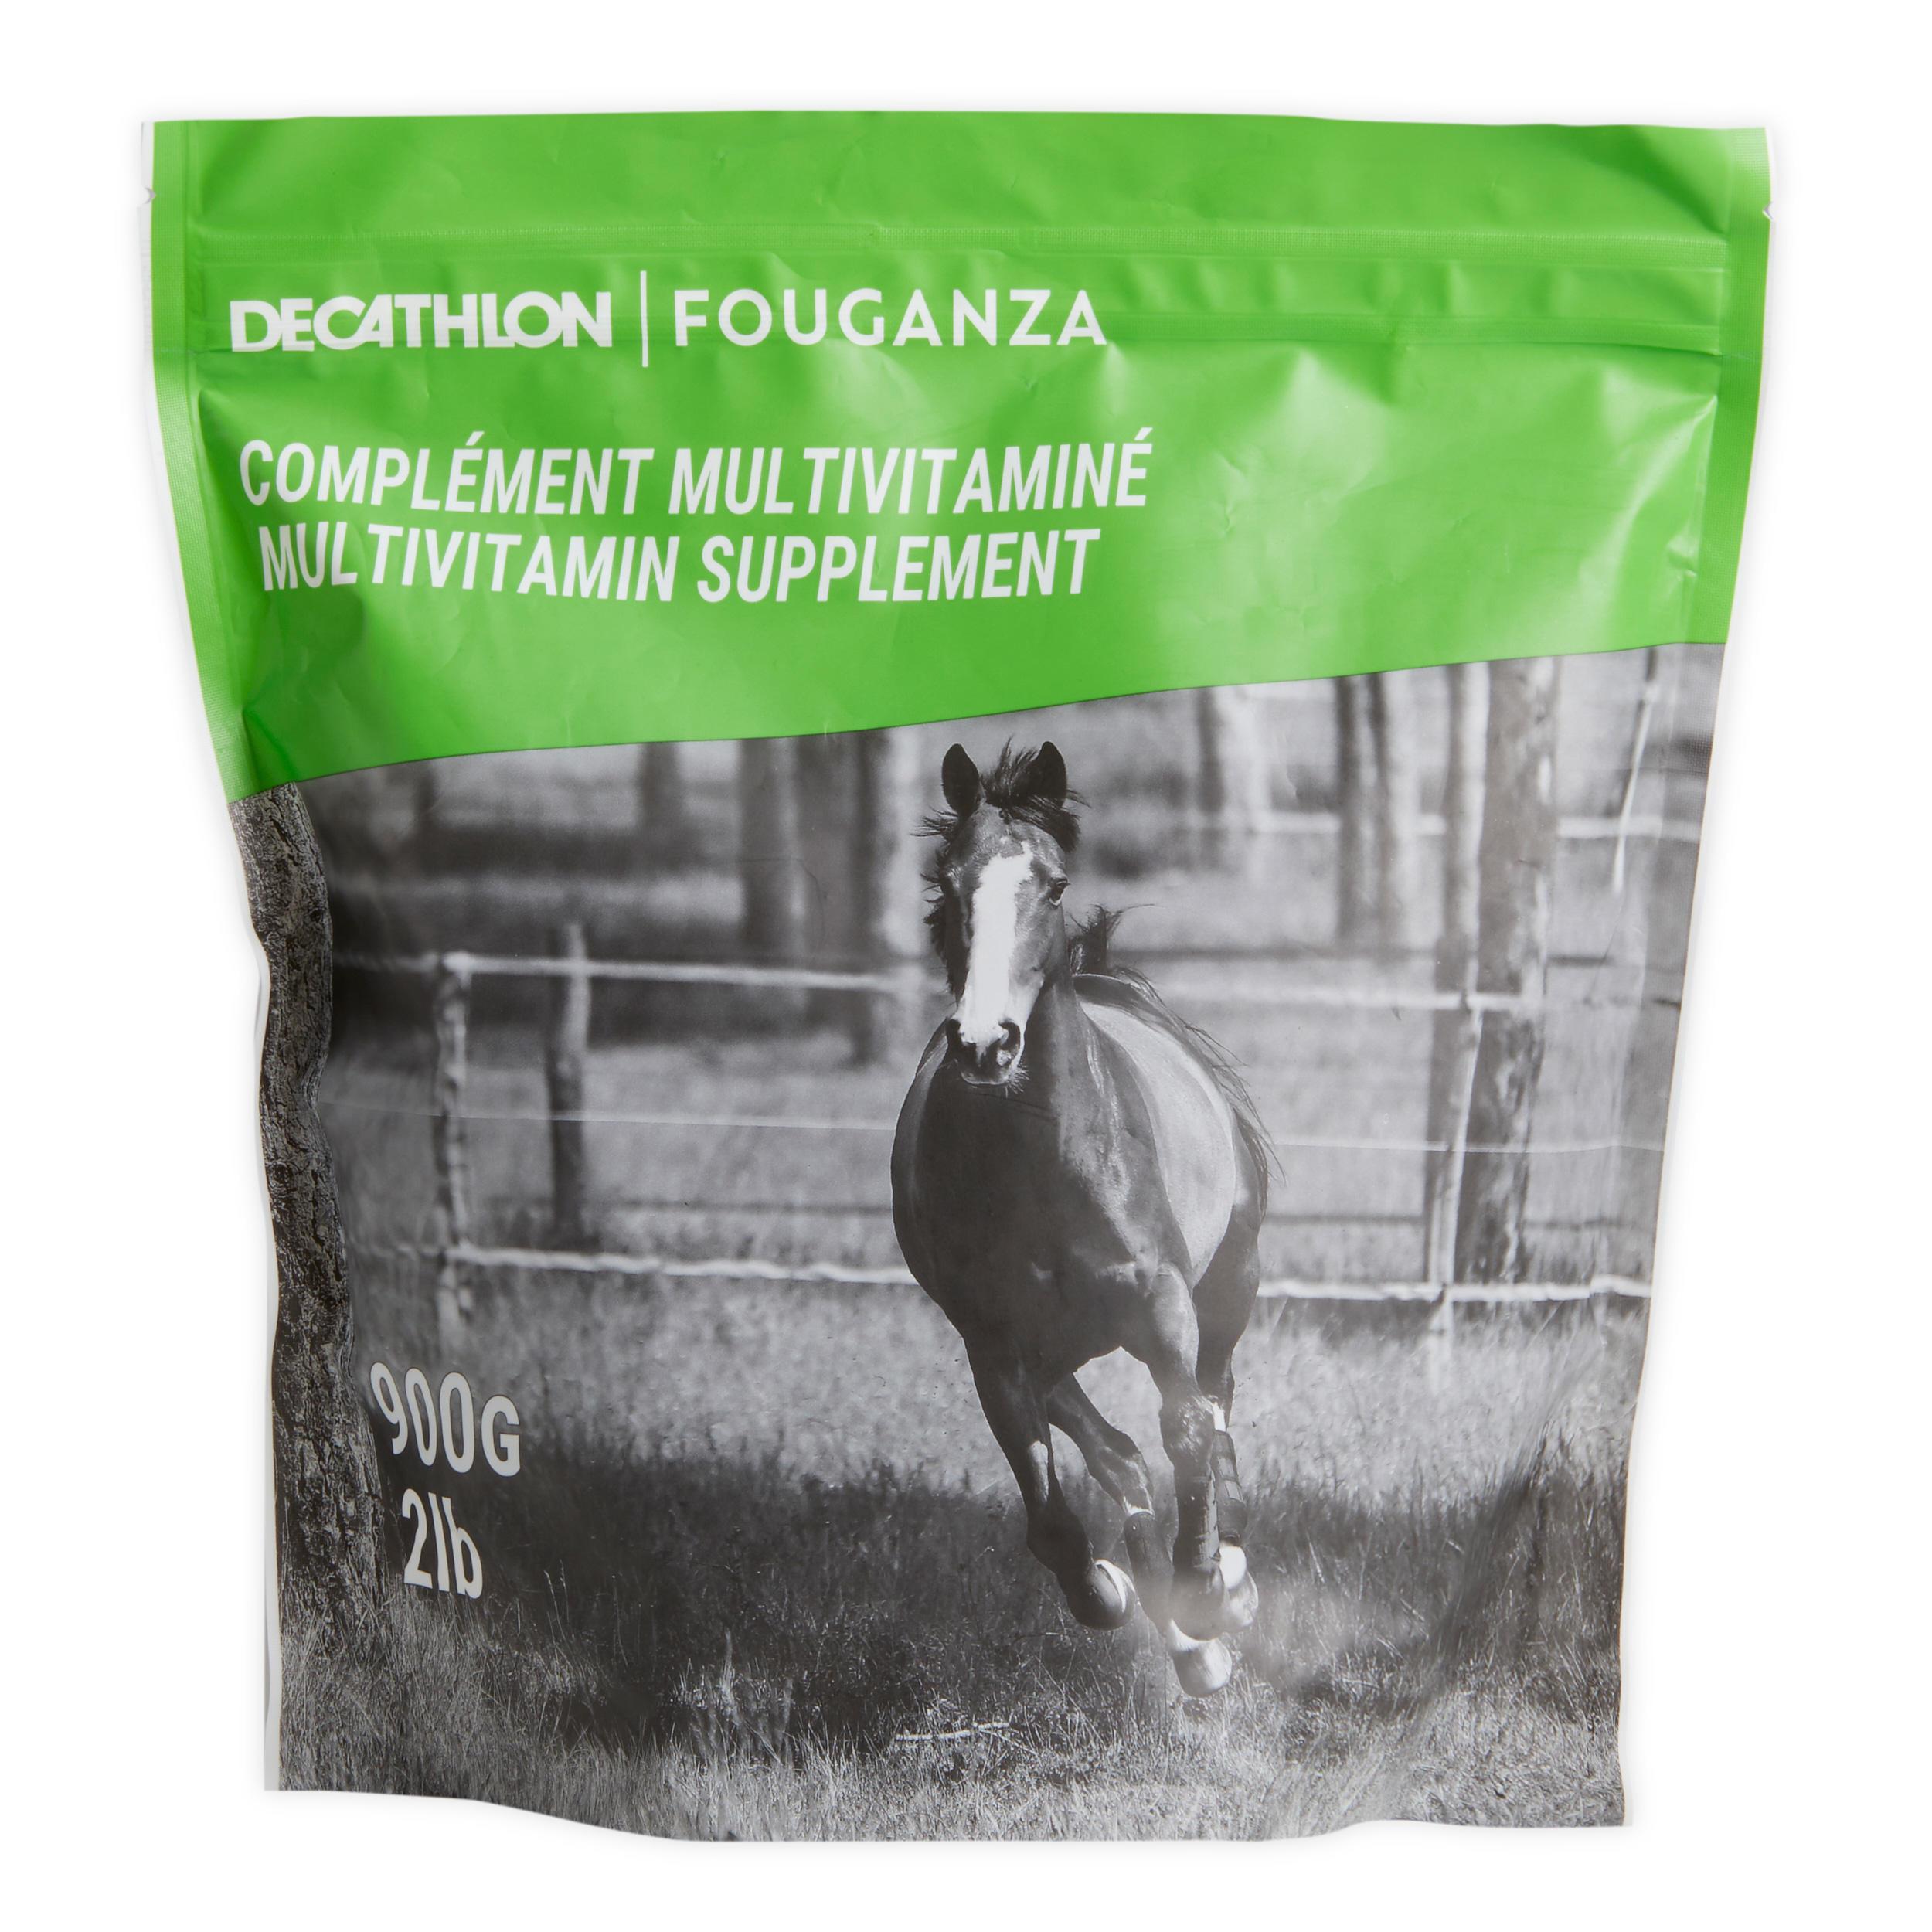 Supliment Multi Vitamine 900g FOUGANZA